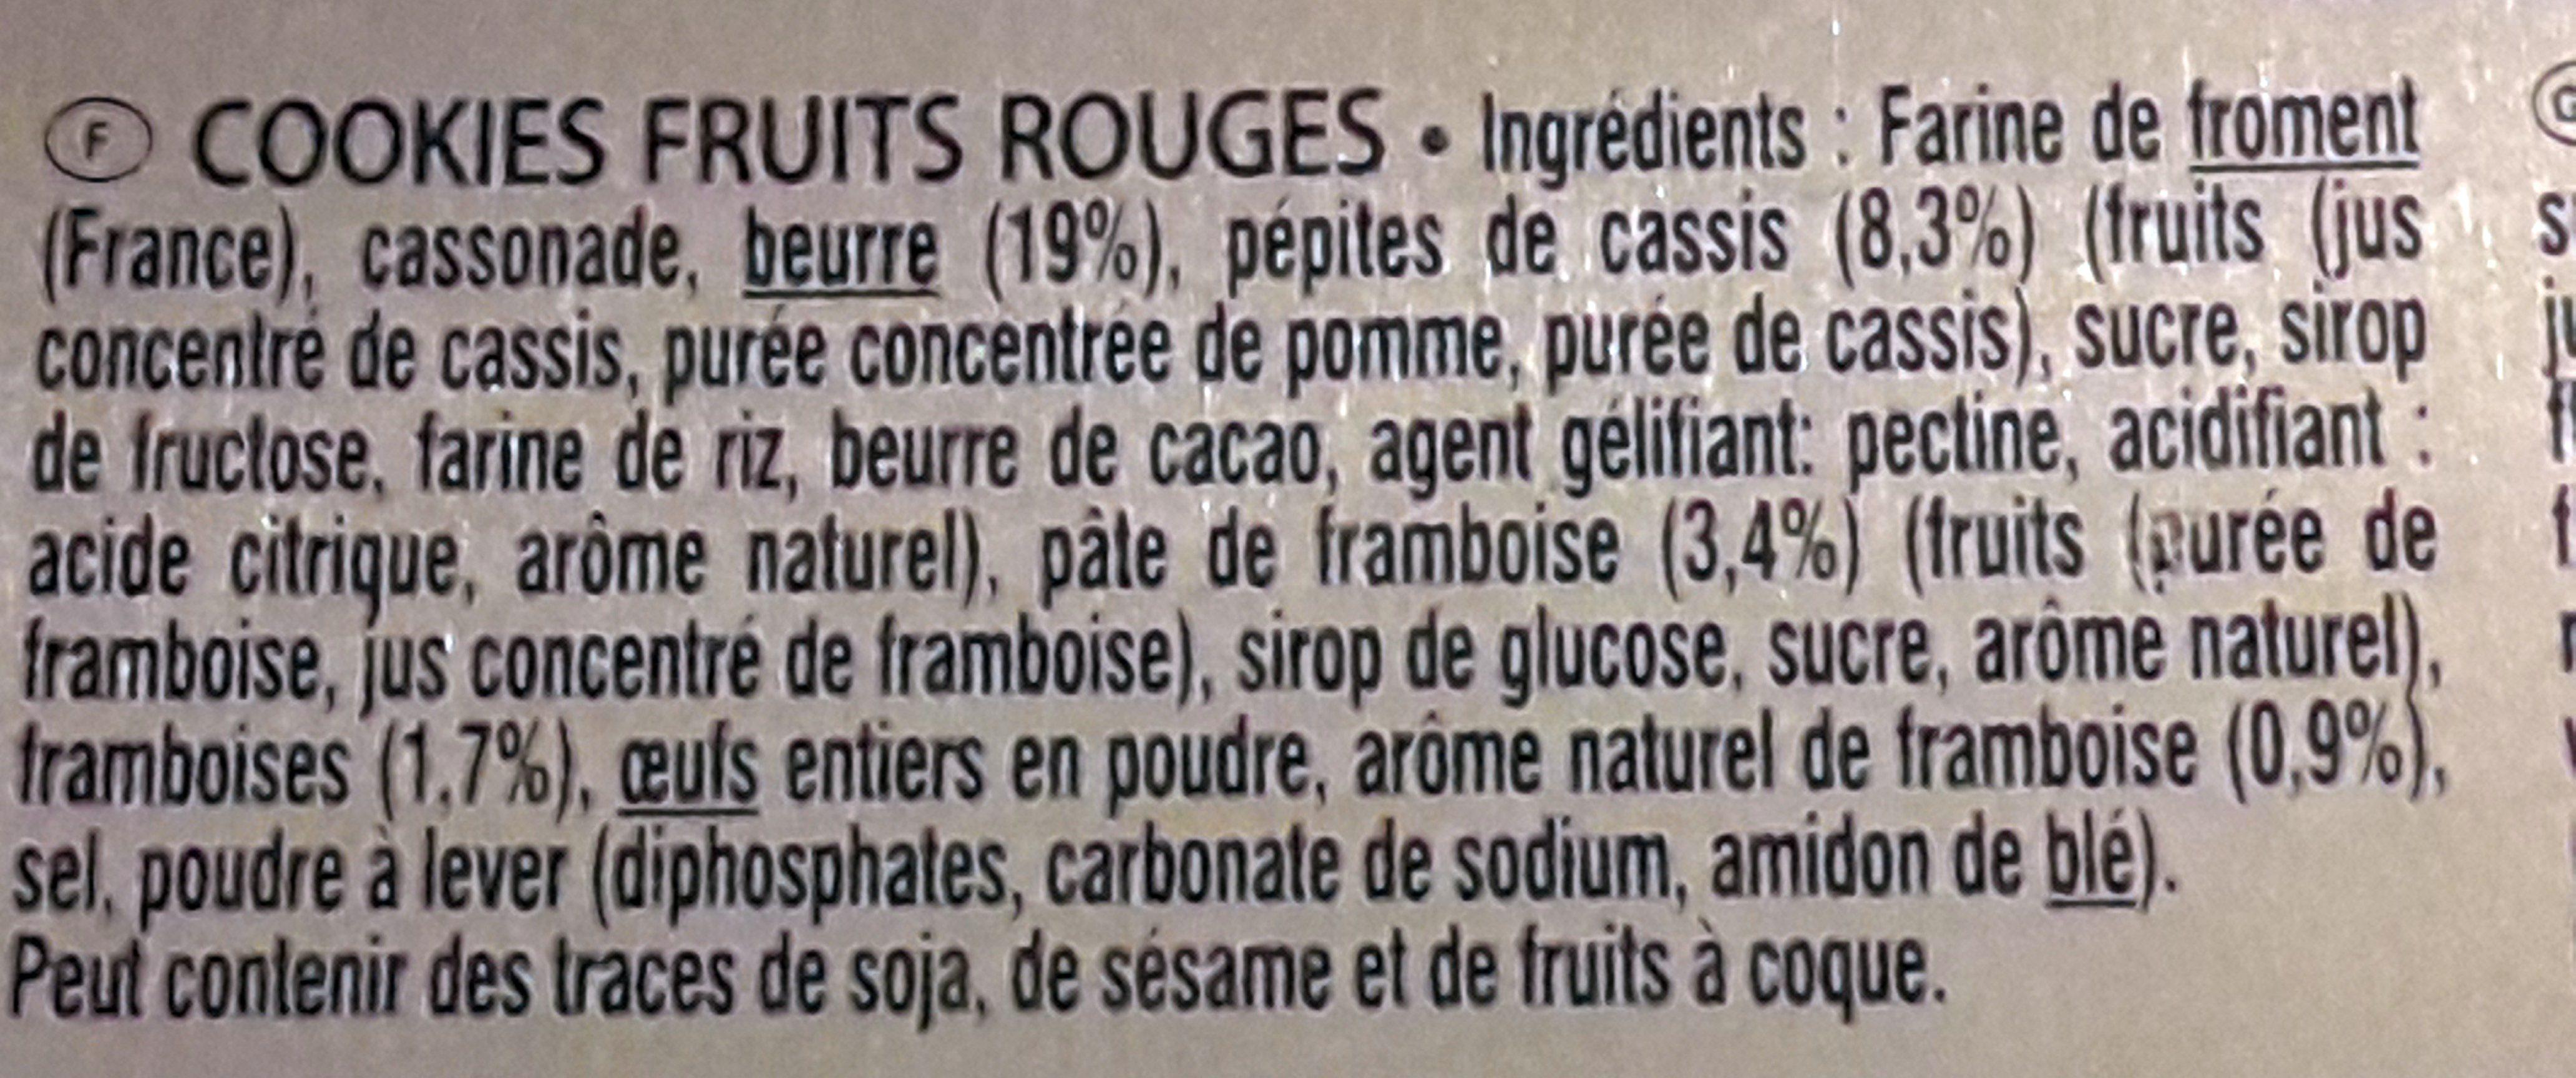 Les Cookies de la Mère Poulard Fruits Rouges - Ingredients - fr